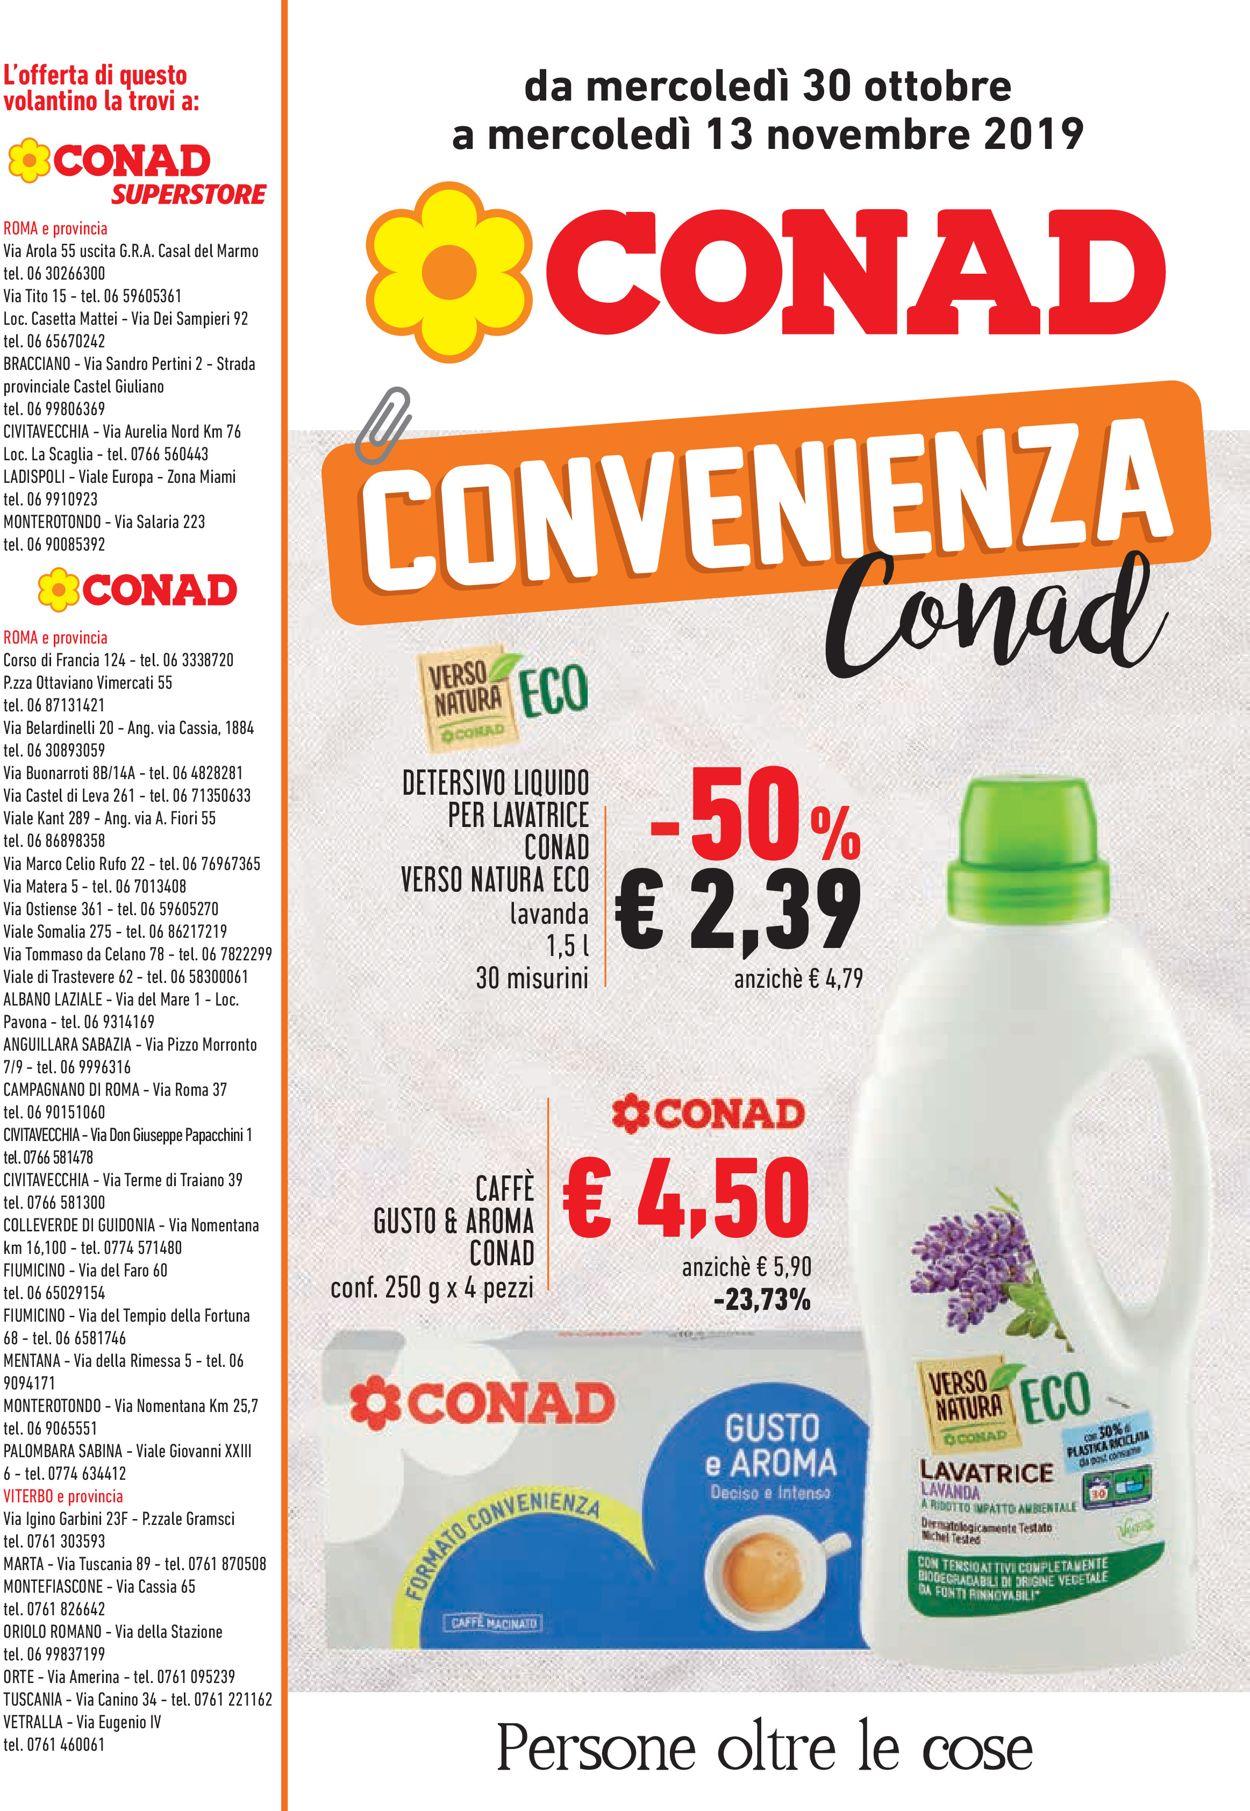 Volantino Conad - Offerte 30/10-13/11/2019